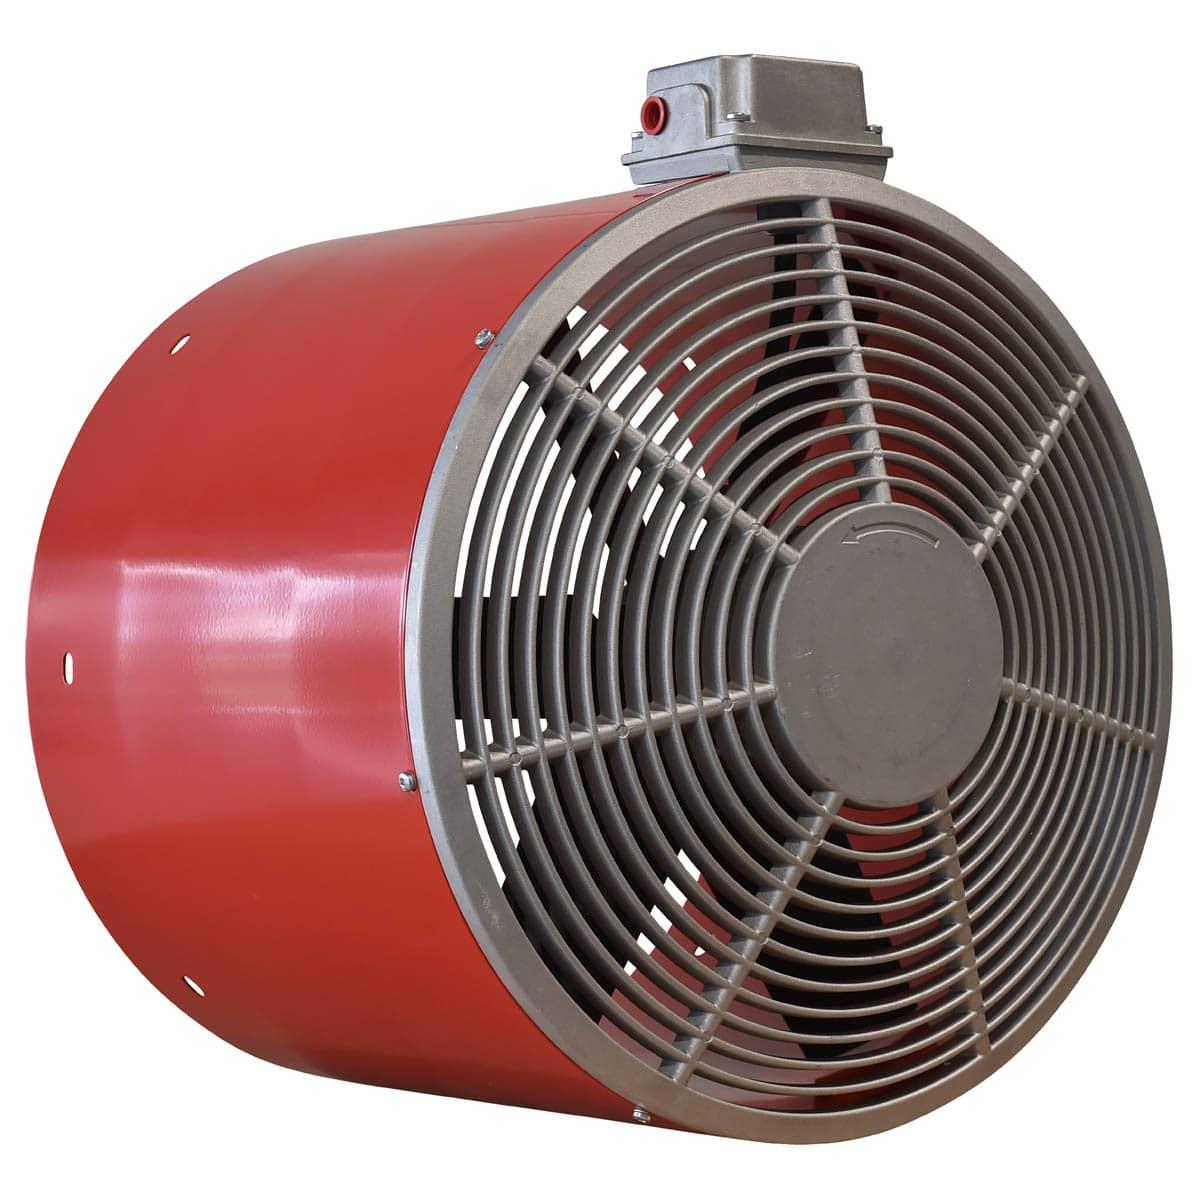 Fremdlüfter von kmmp - www.kmmp.de Forced Ventilation Units from kmmp - www.kmmp.de